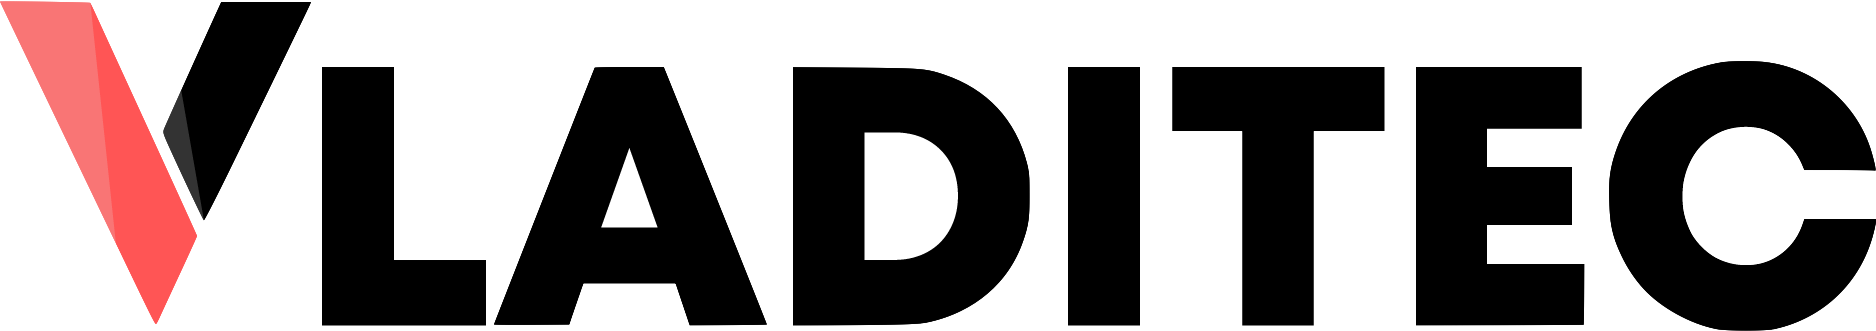 Vladitec GmbH